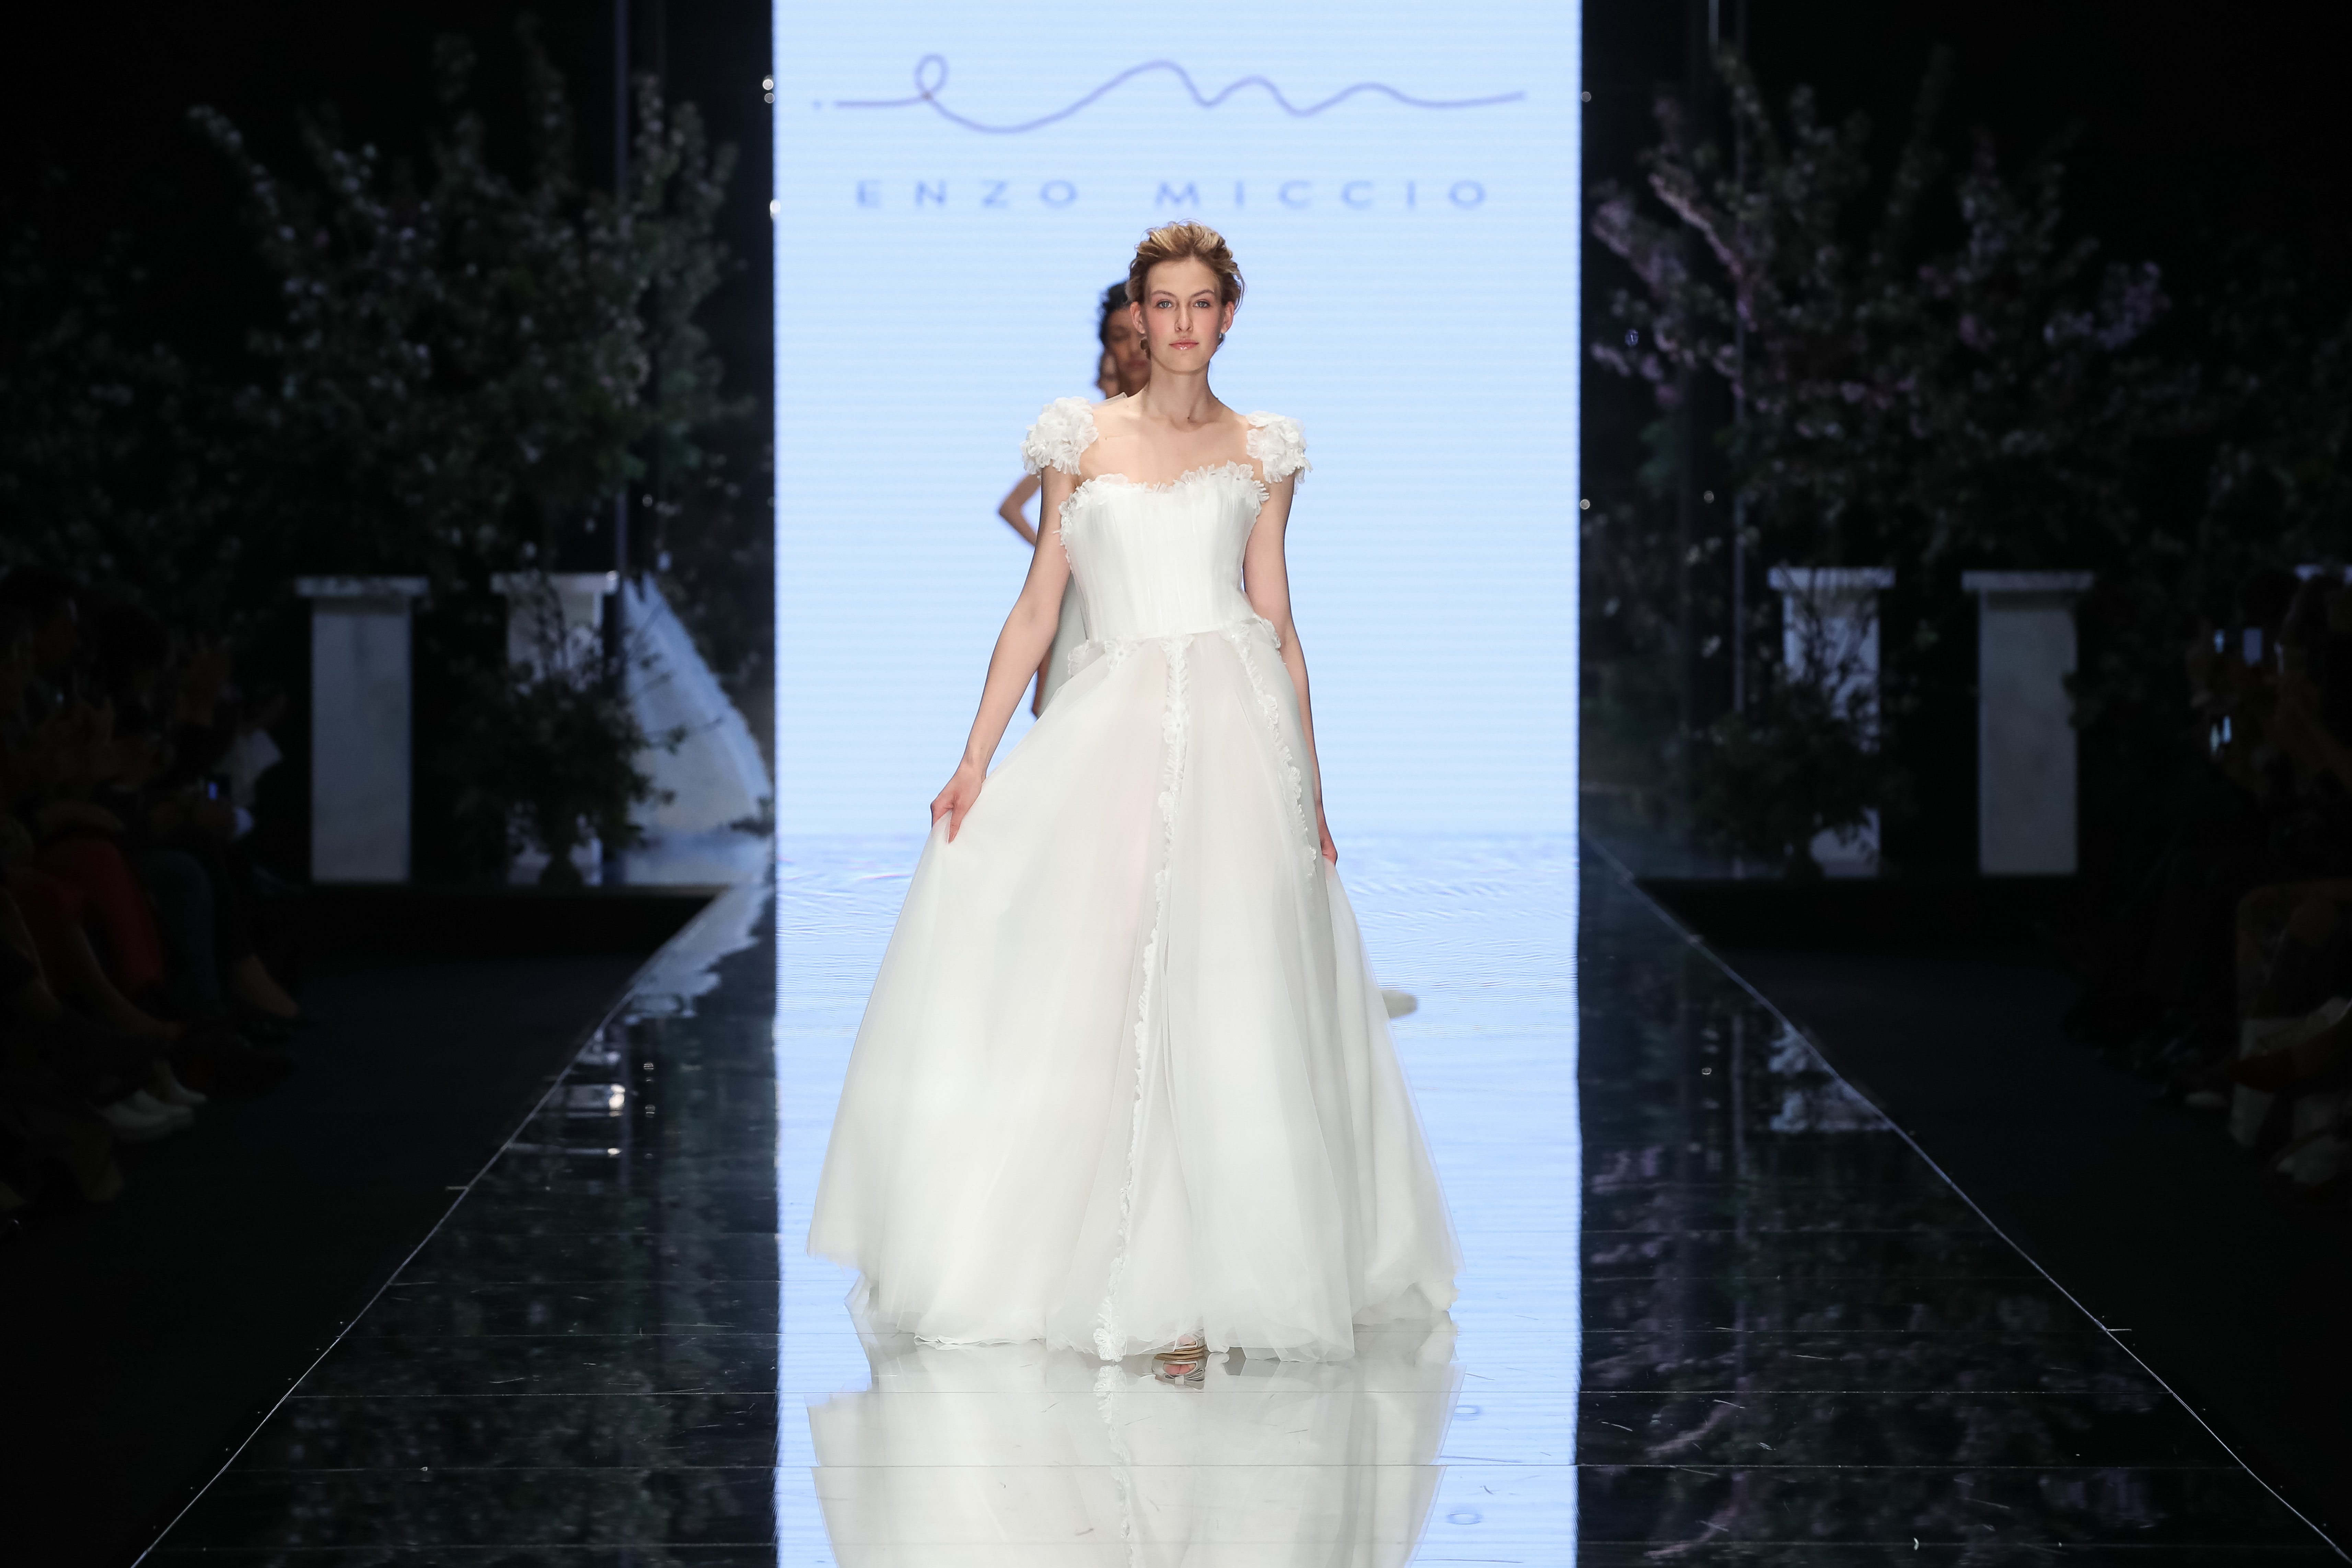 Abiti Da Sposa Enzo Miccio.Enzo Miccio Presenta La Collezione Di Abiti Da Sposa 2020